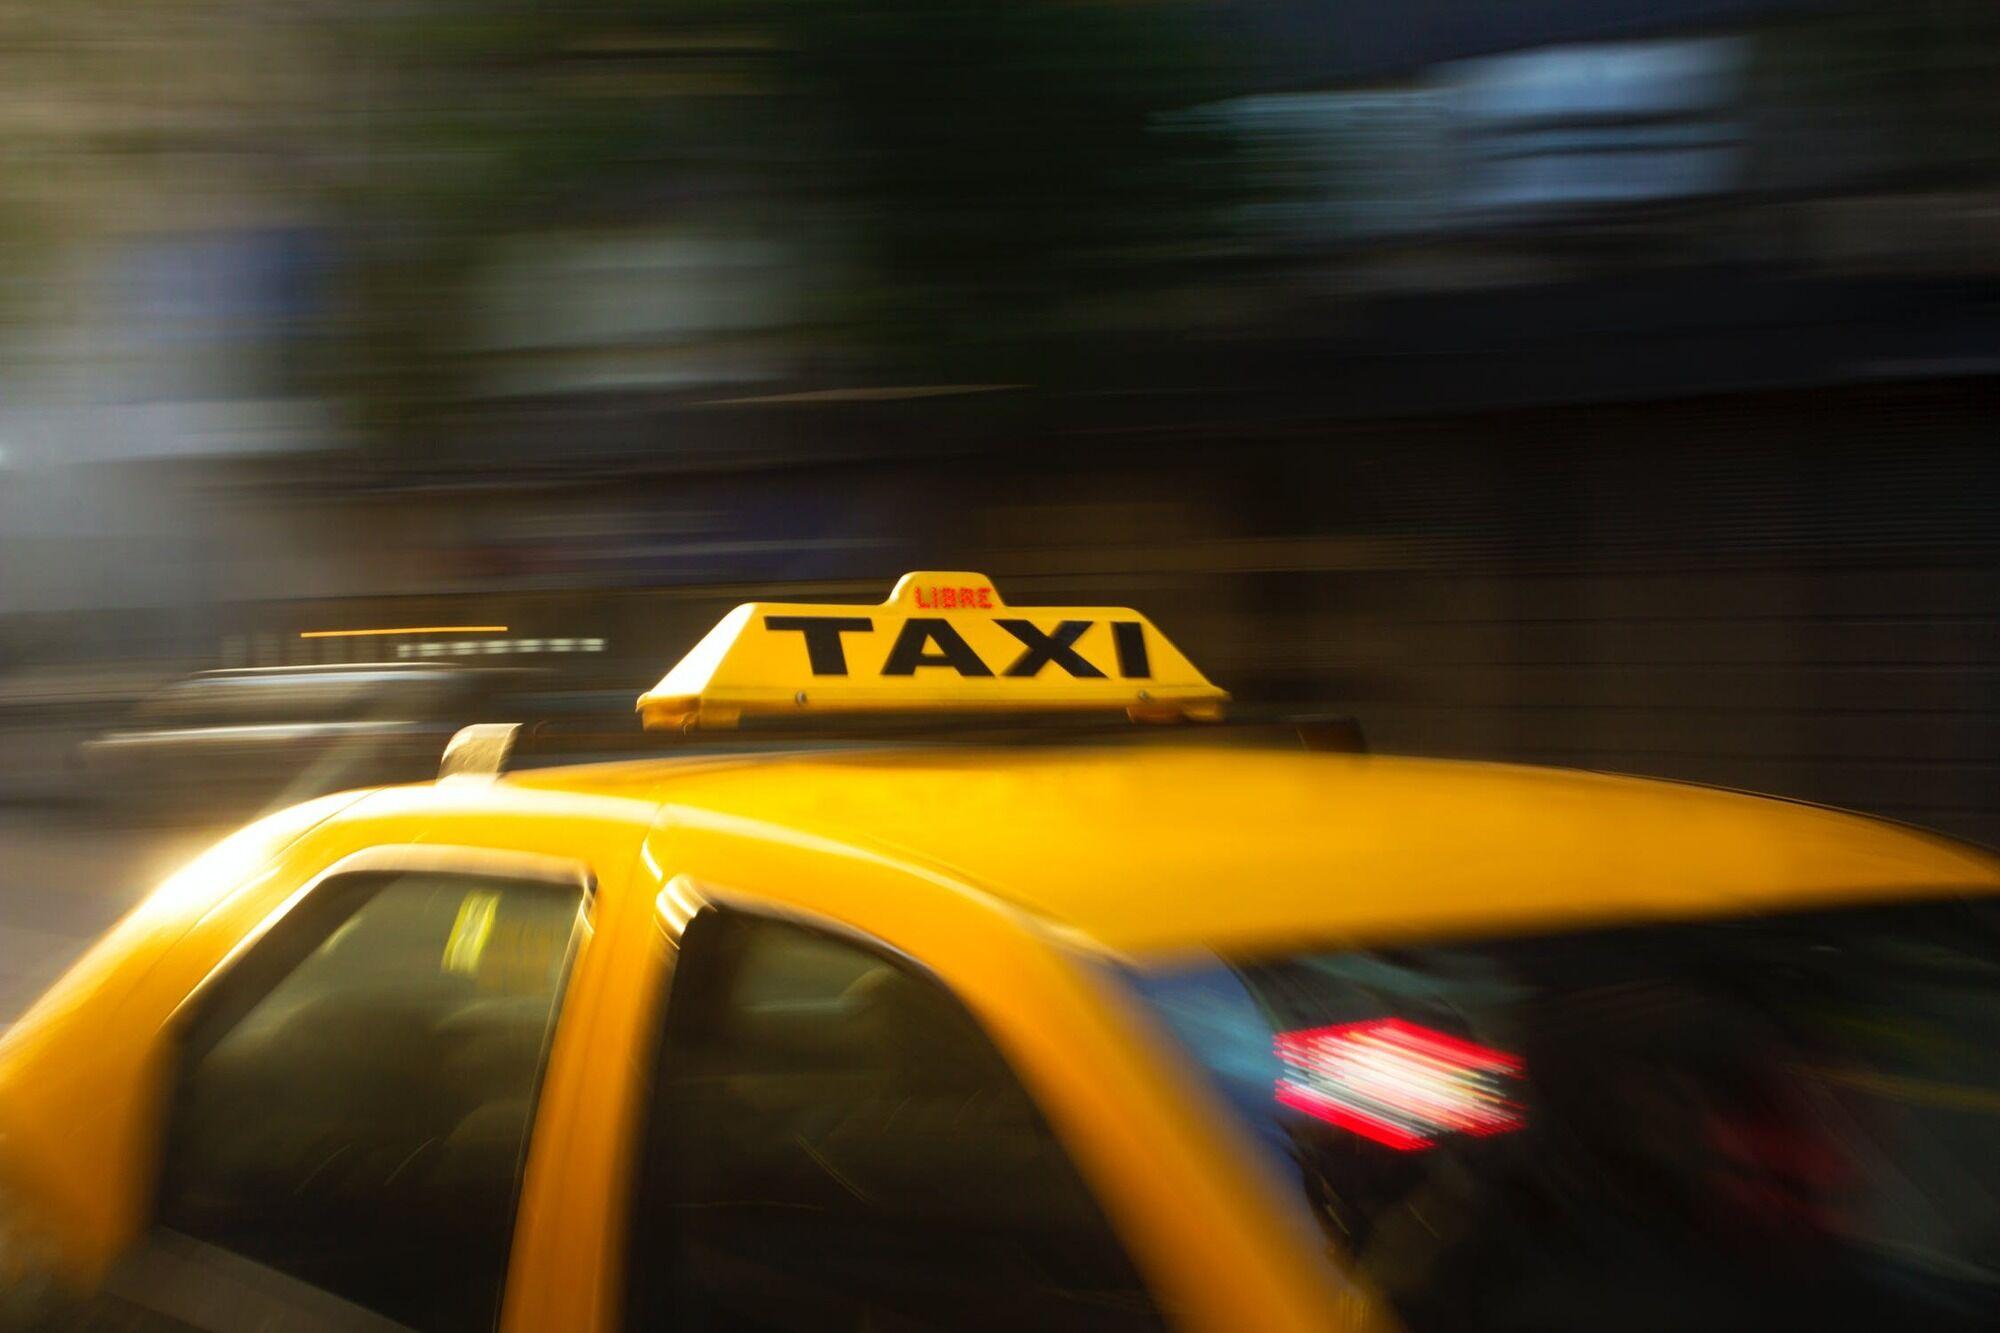 Таксисты рассказали, какое поведение пассажиров они считают недопустимым.